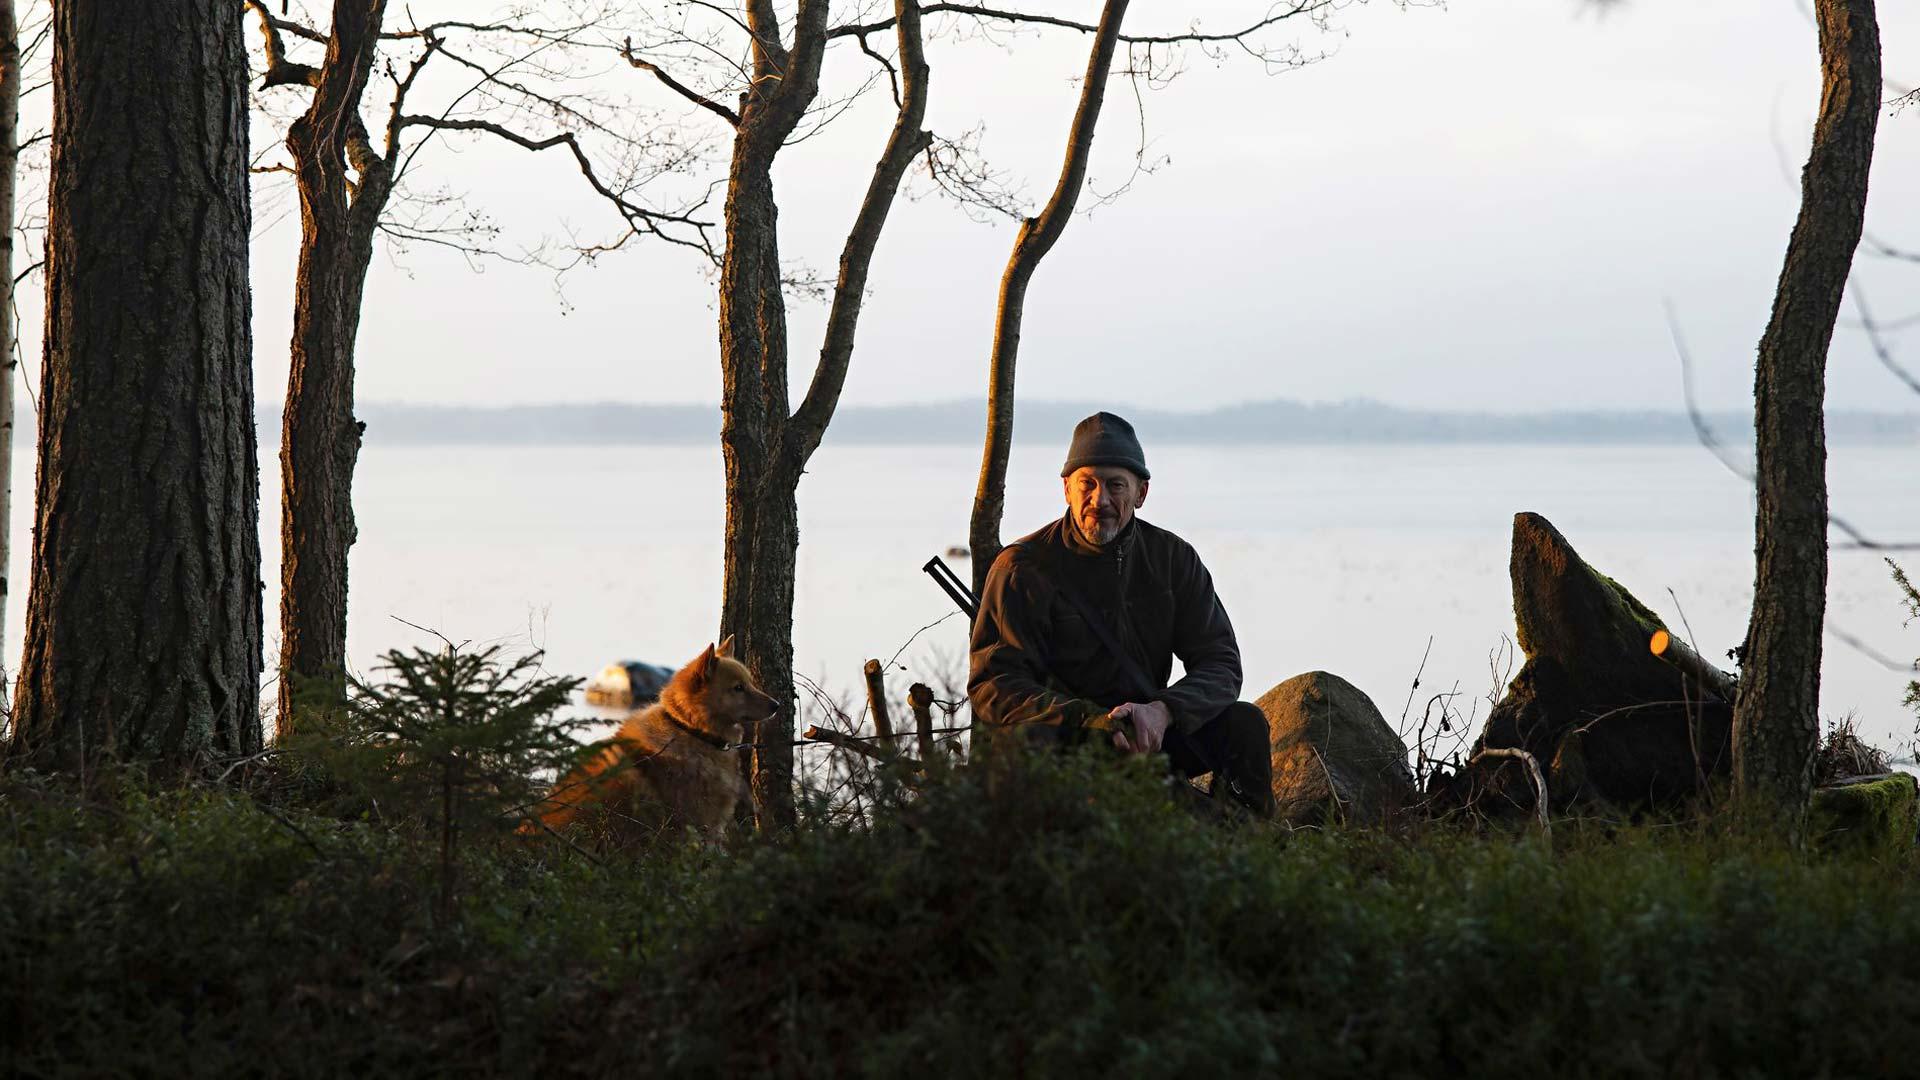 Rohki-koira kulkee metsäretkillä usein mukana, kun inkerinsuomalainen Santeri metsästää.